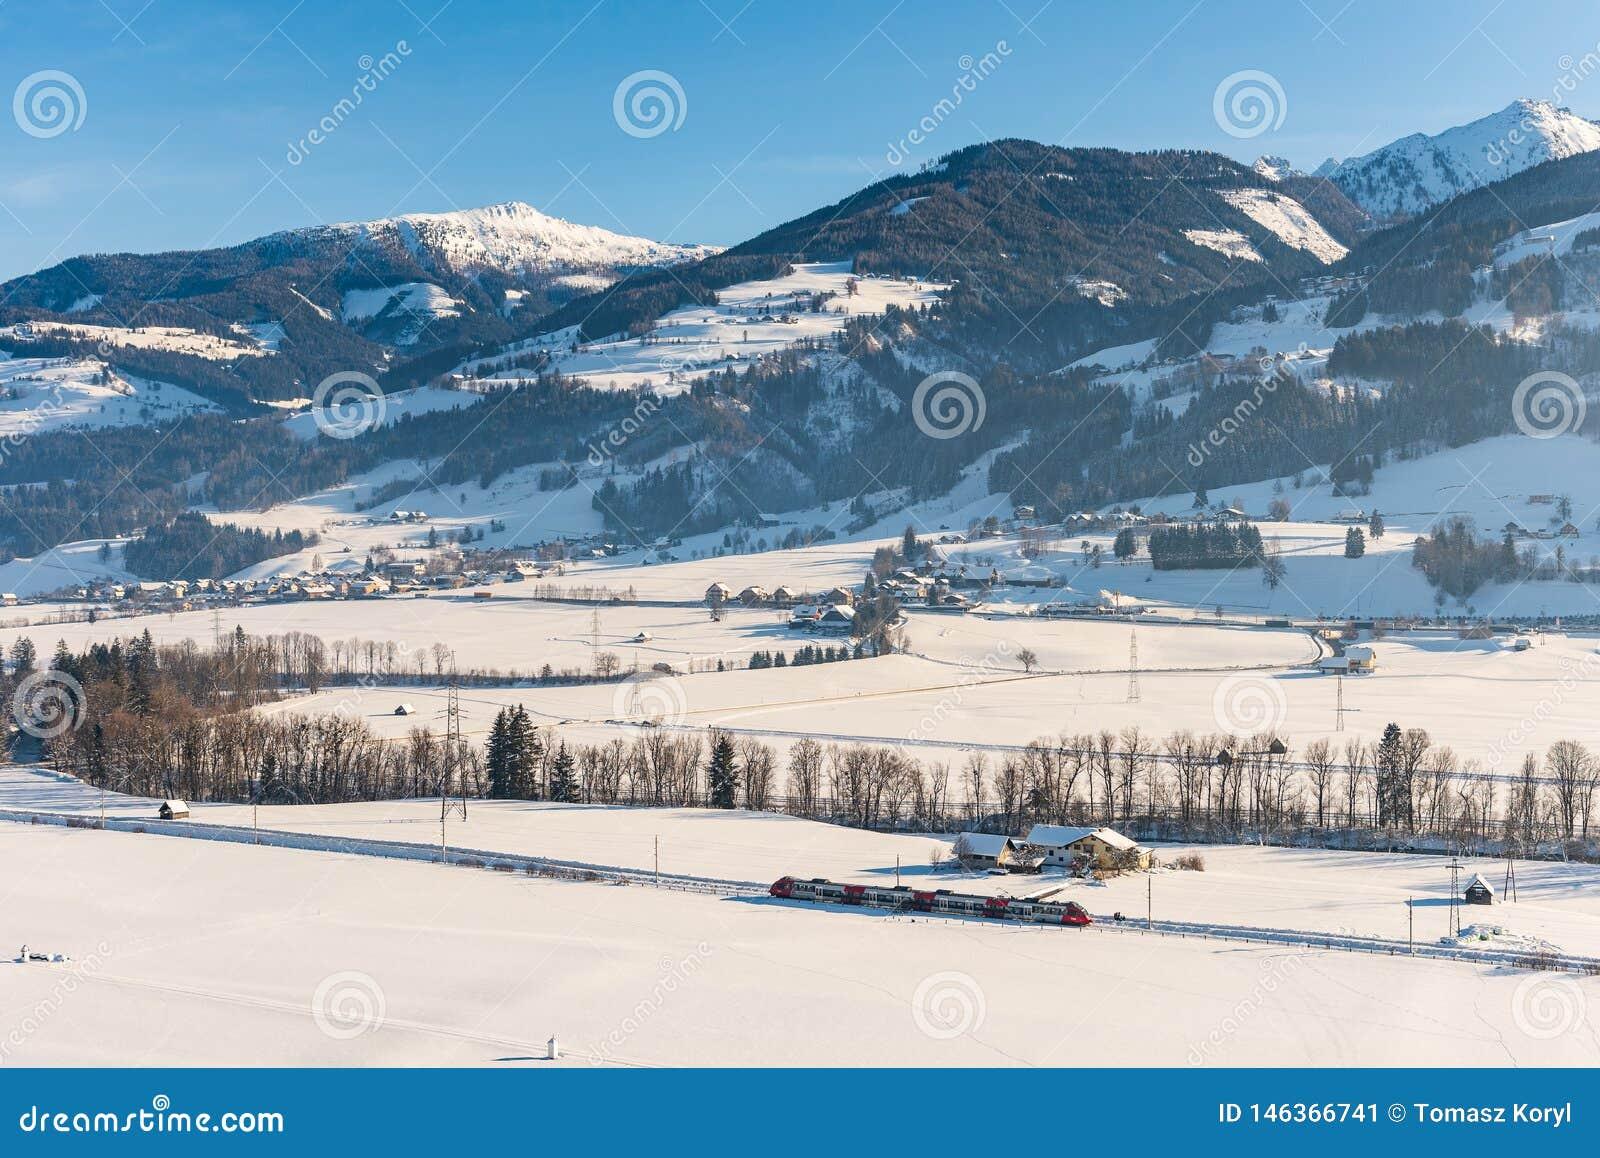 Κόκκινο και άσπρο τραίνο που περνά τους χιονισμένους τομείς σε ένα φυσικό τοπίο χειμερινών βουνών, ορεινός όγκος Dachstein, περιο